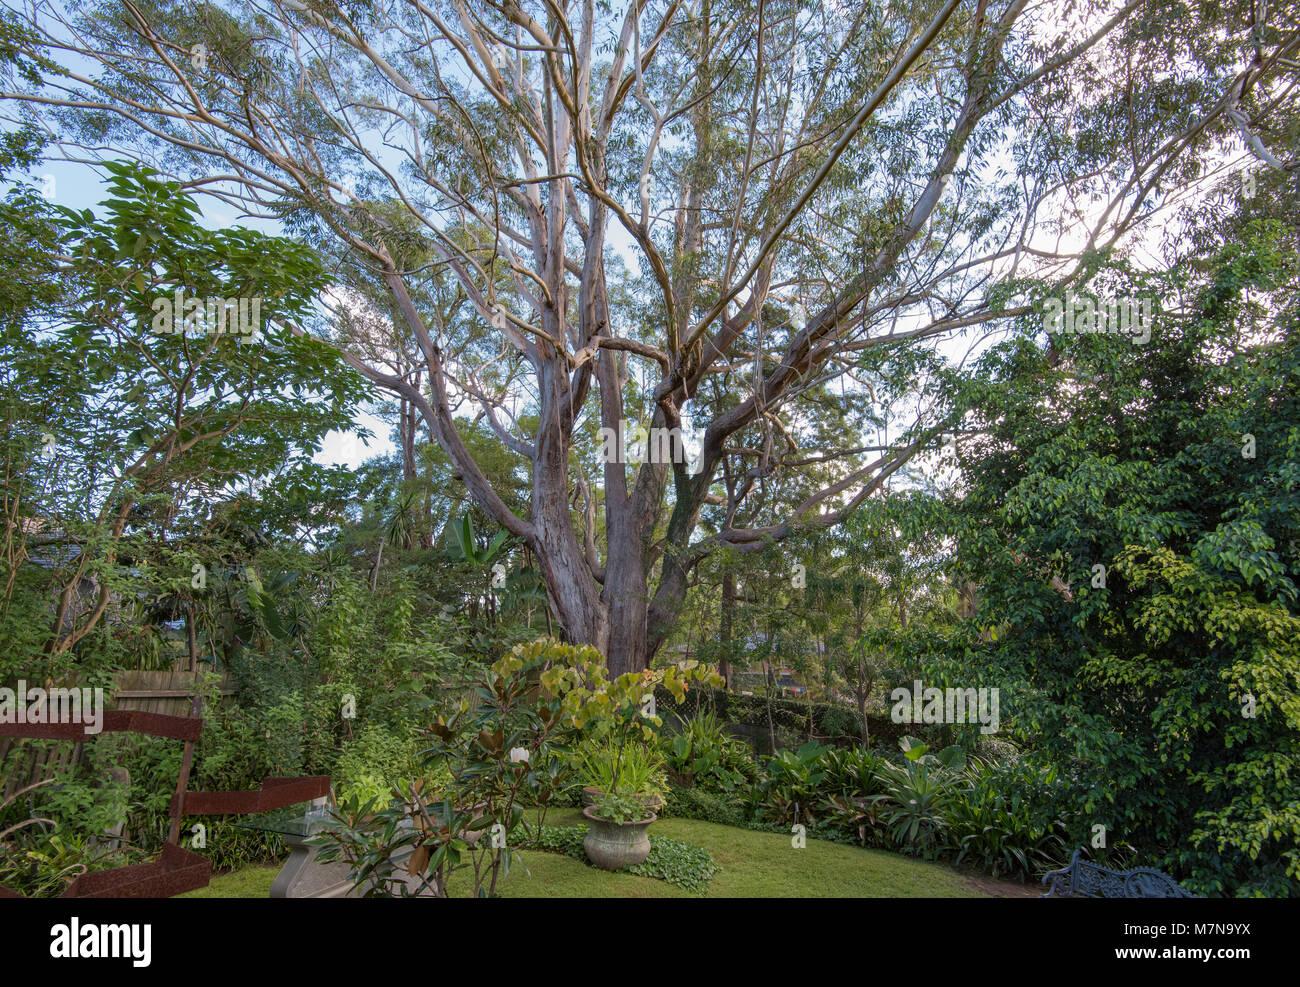 Flowering Gum Trees Stock Photos & Flowering Gum Trees